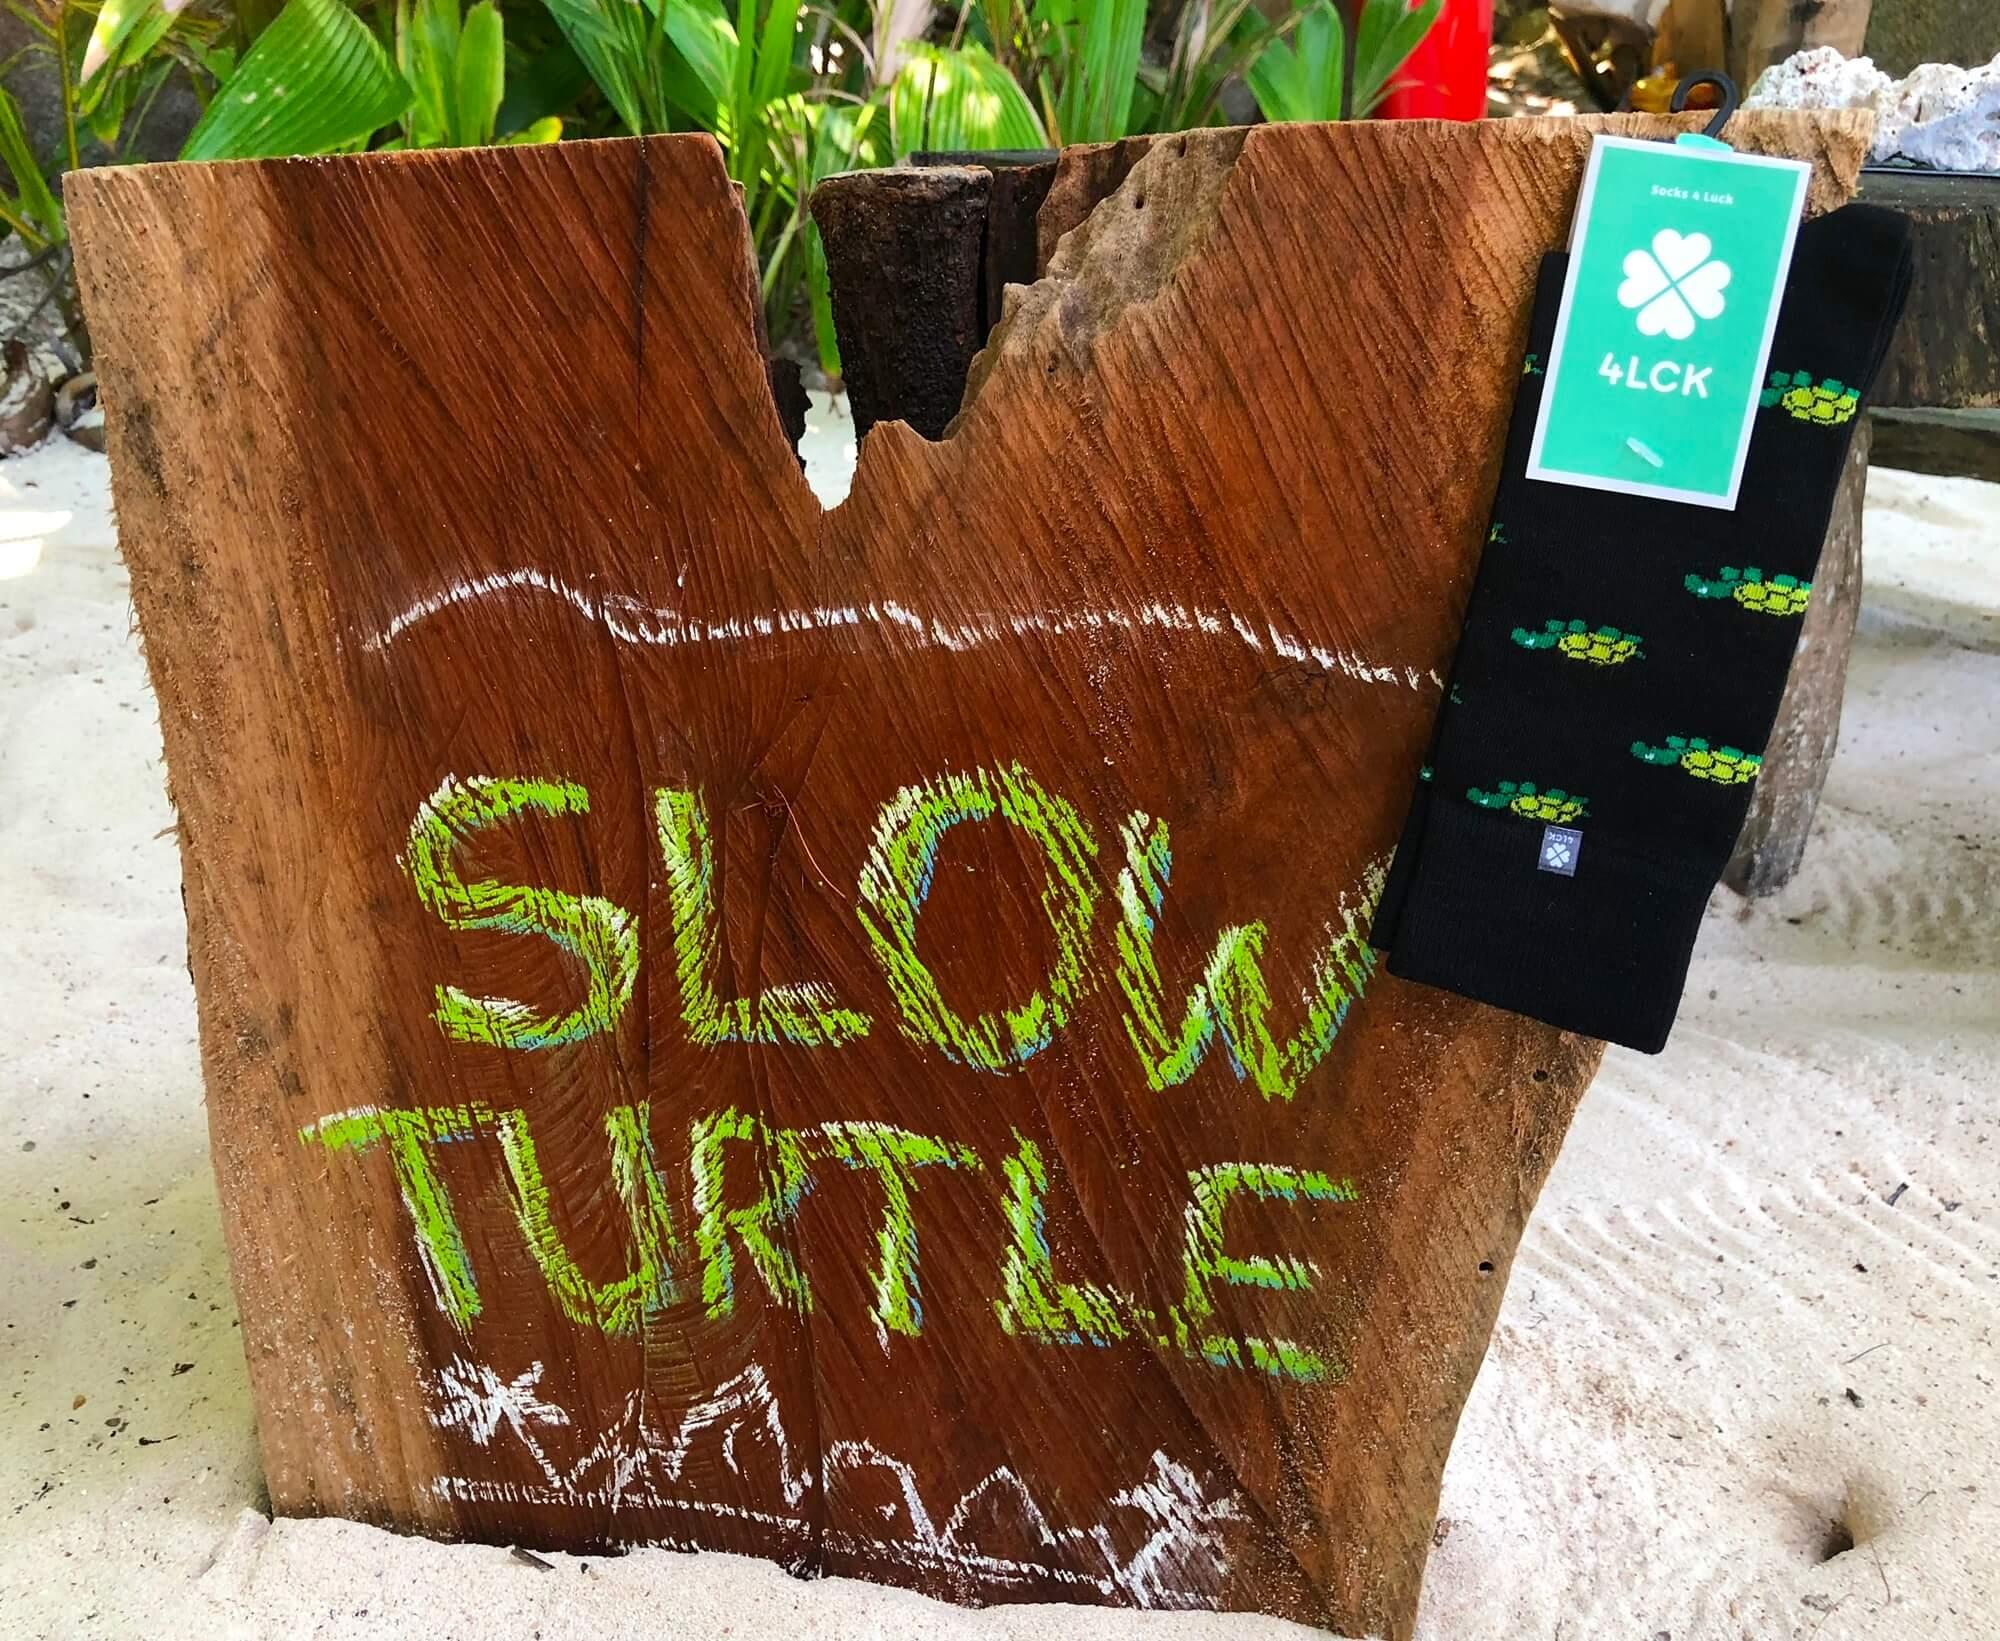 czarne skarpetki w żółwie turtle socks 4lck